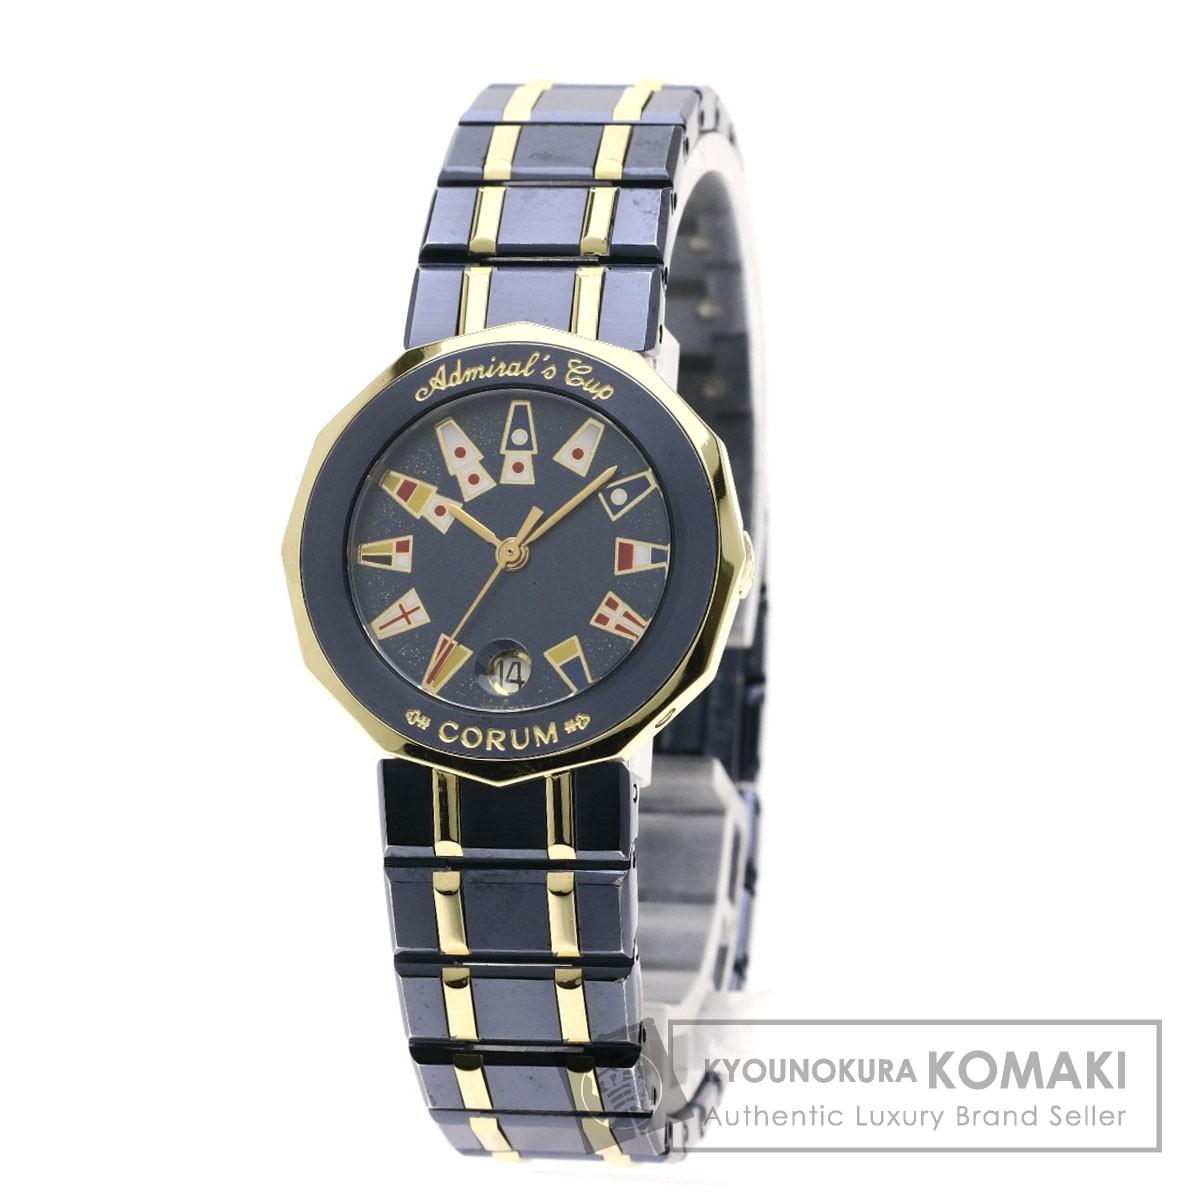 コルム 39.610.31 V52 アドミラルズカップ 腕時計 K18イエローゴールド/SSxK18YG レディース 【中古】【CORUM】